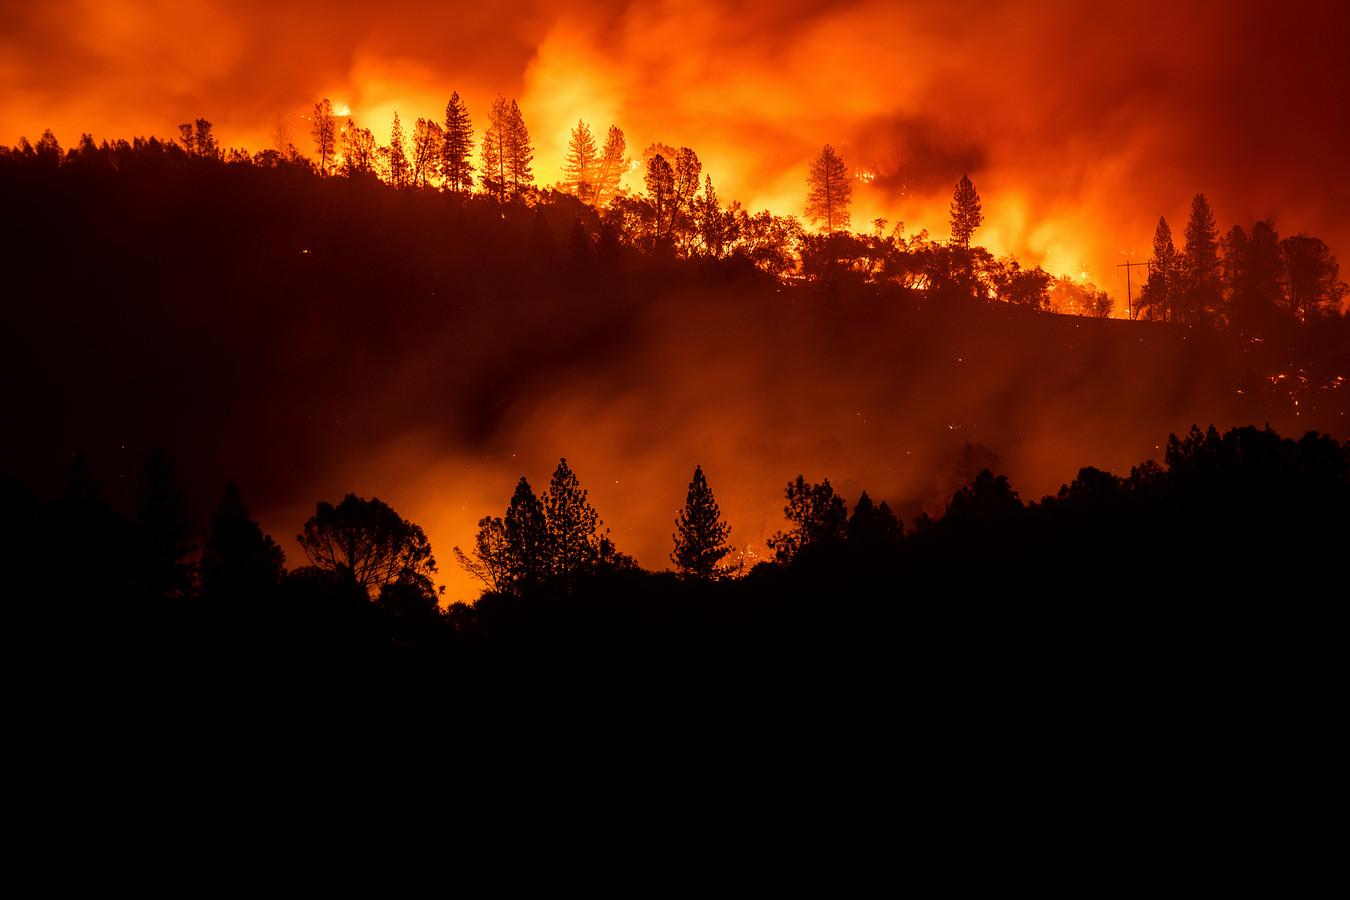 Beeld van de bosbranden vorig jaar in Californië